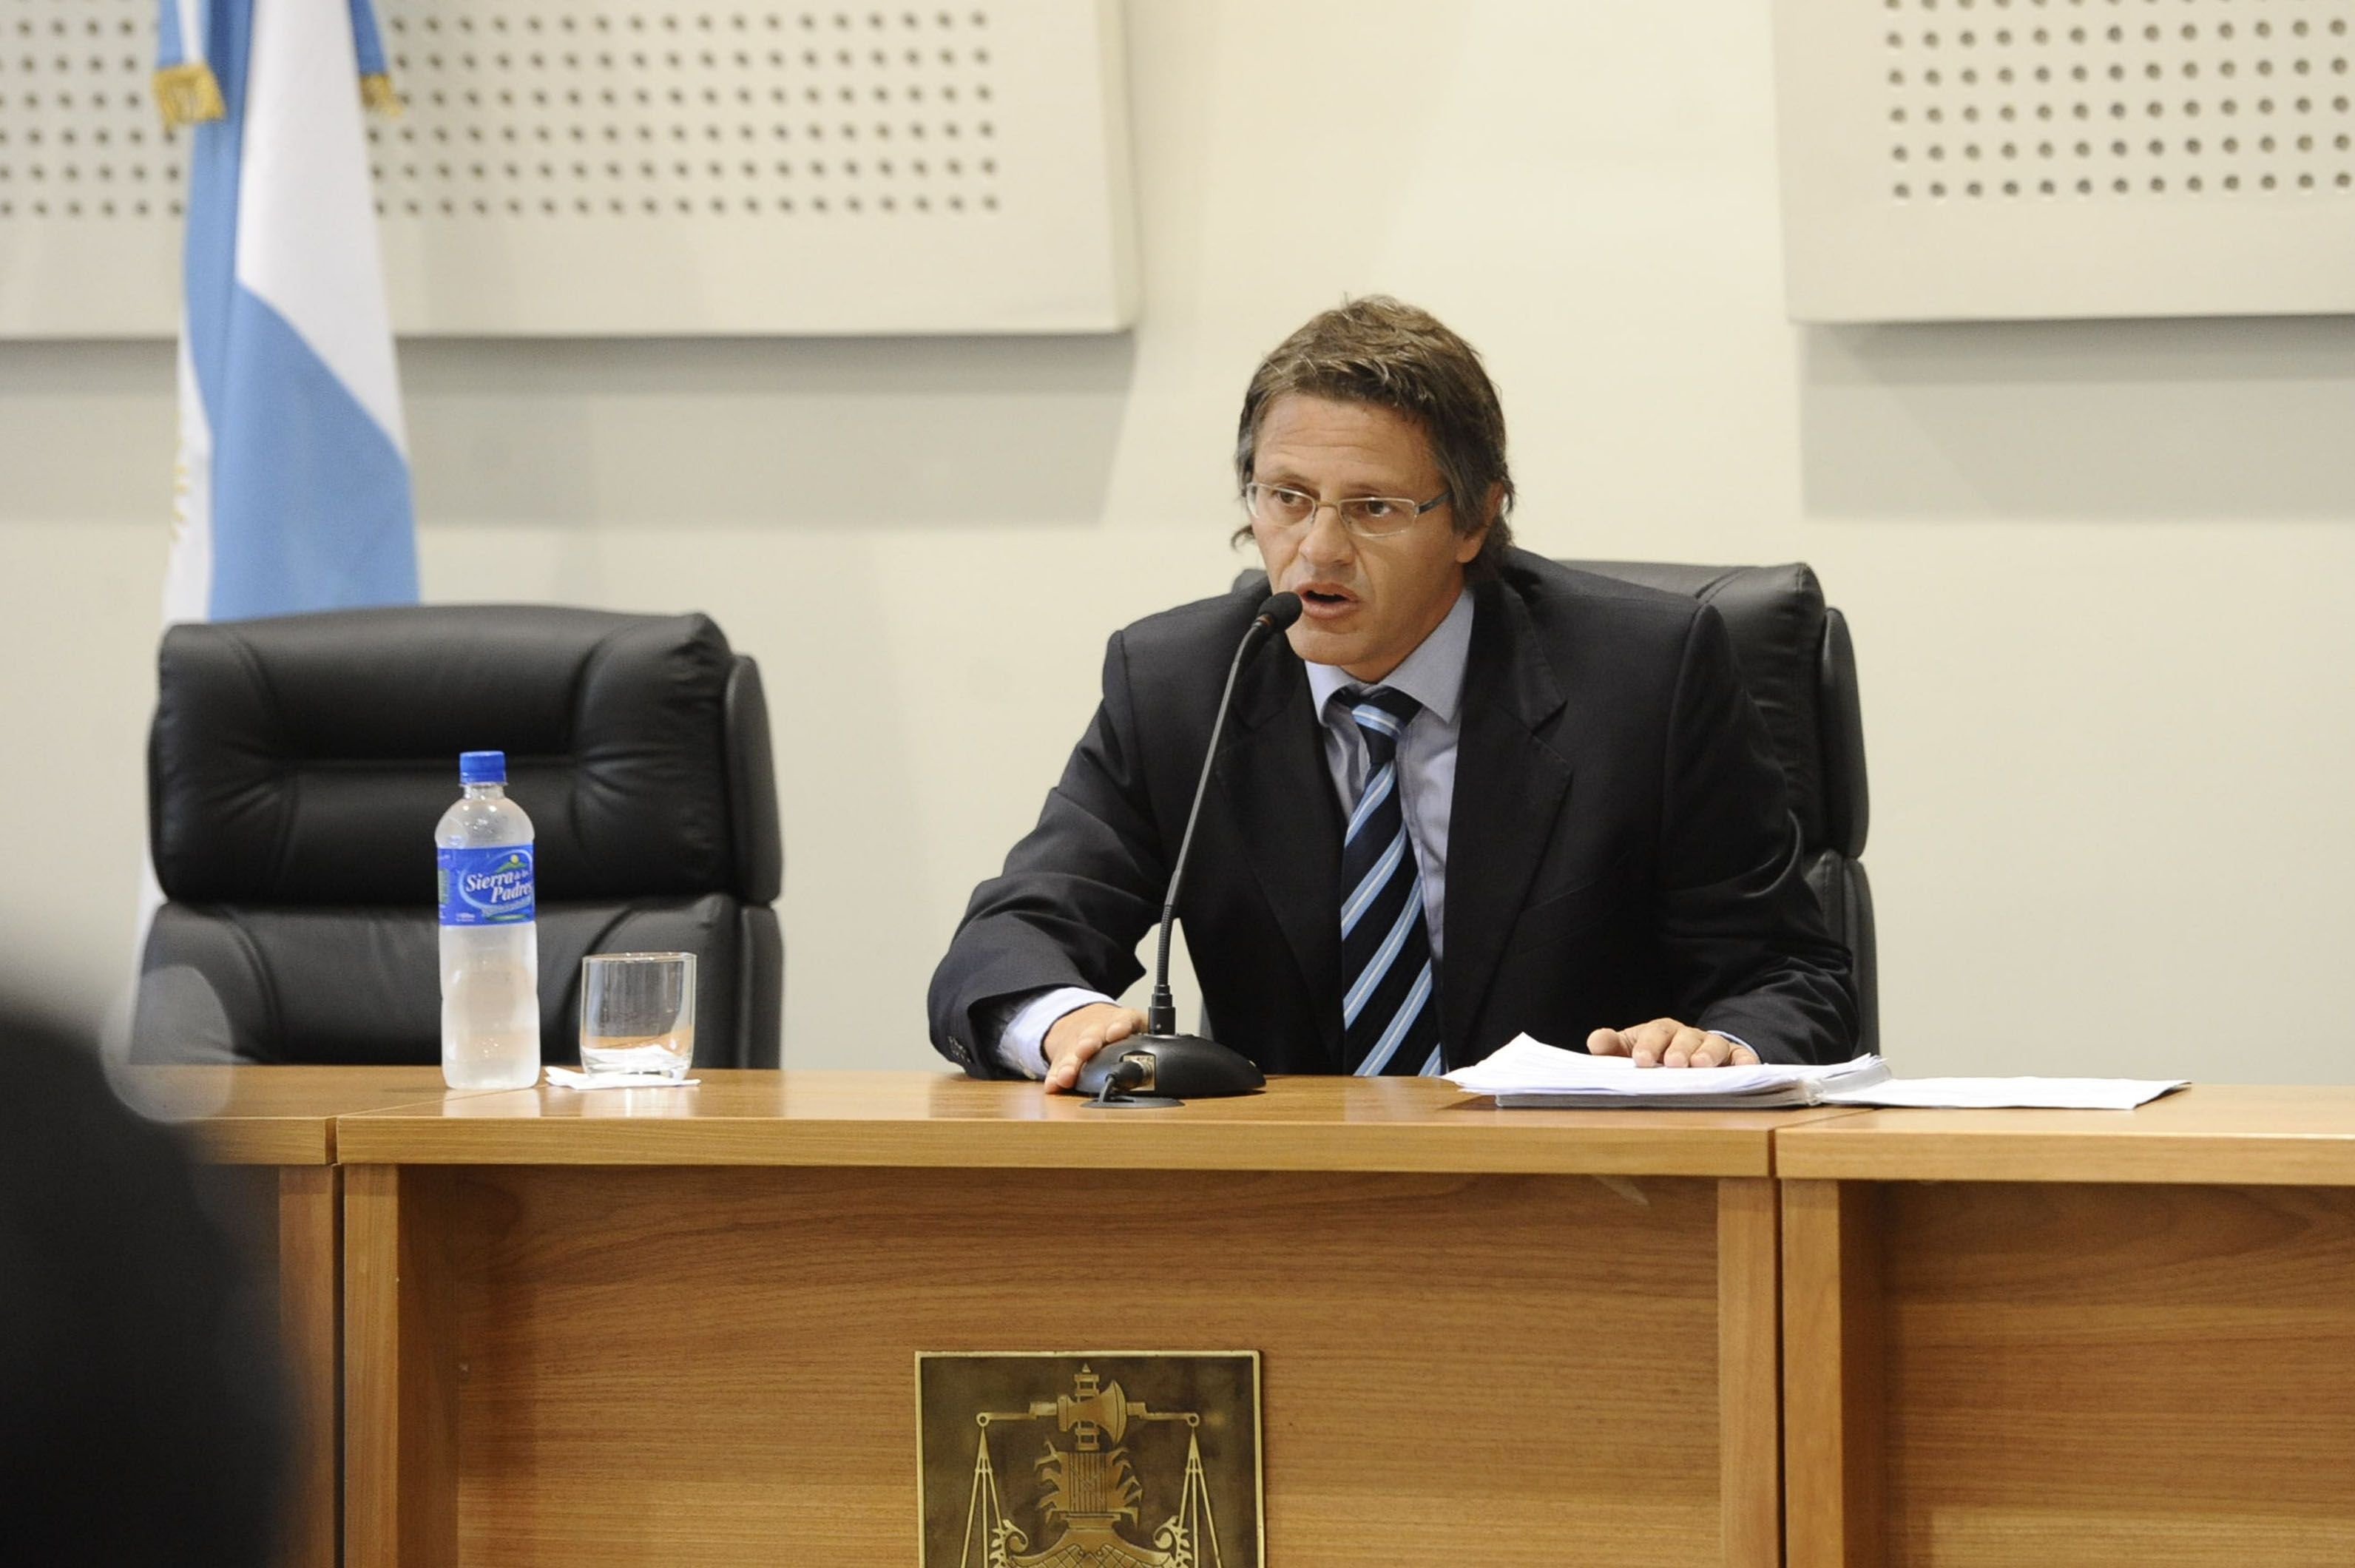 Ismael Manfrín revisó el fallo y dictó la condena por el crimen. (Foto: A.Amaya)